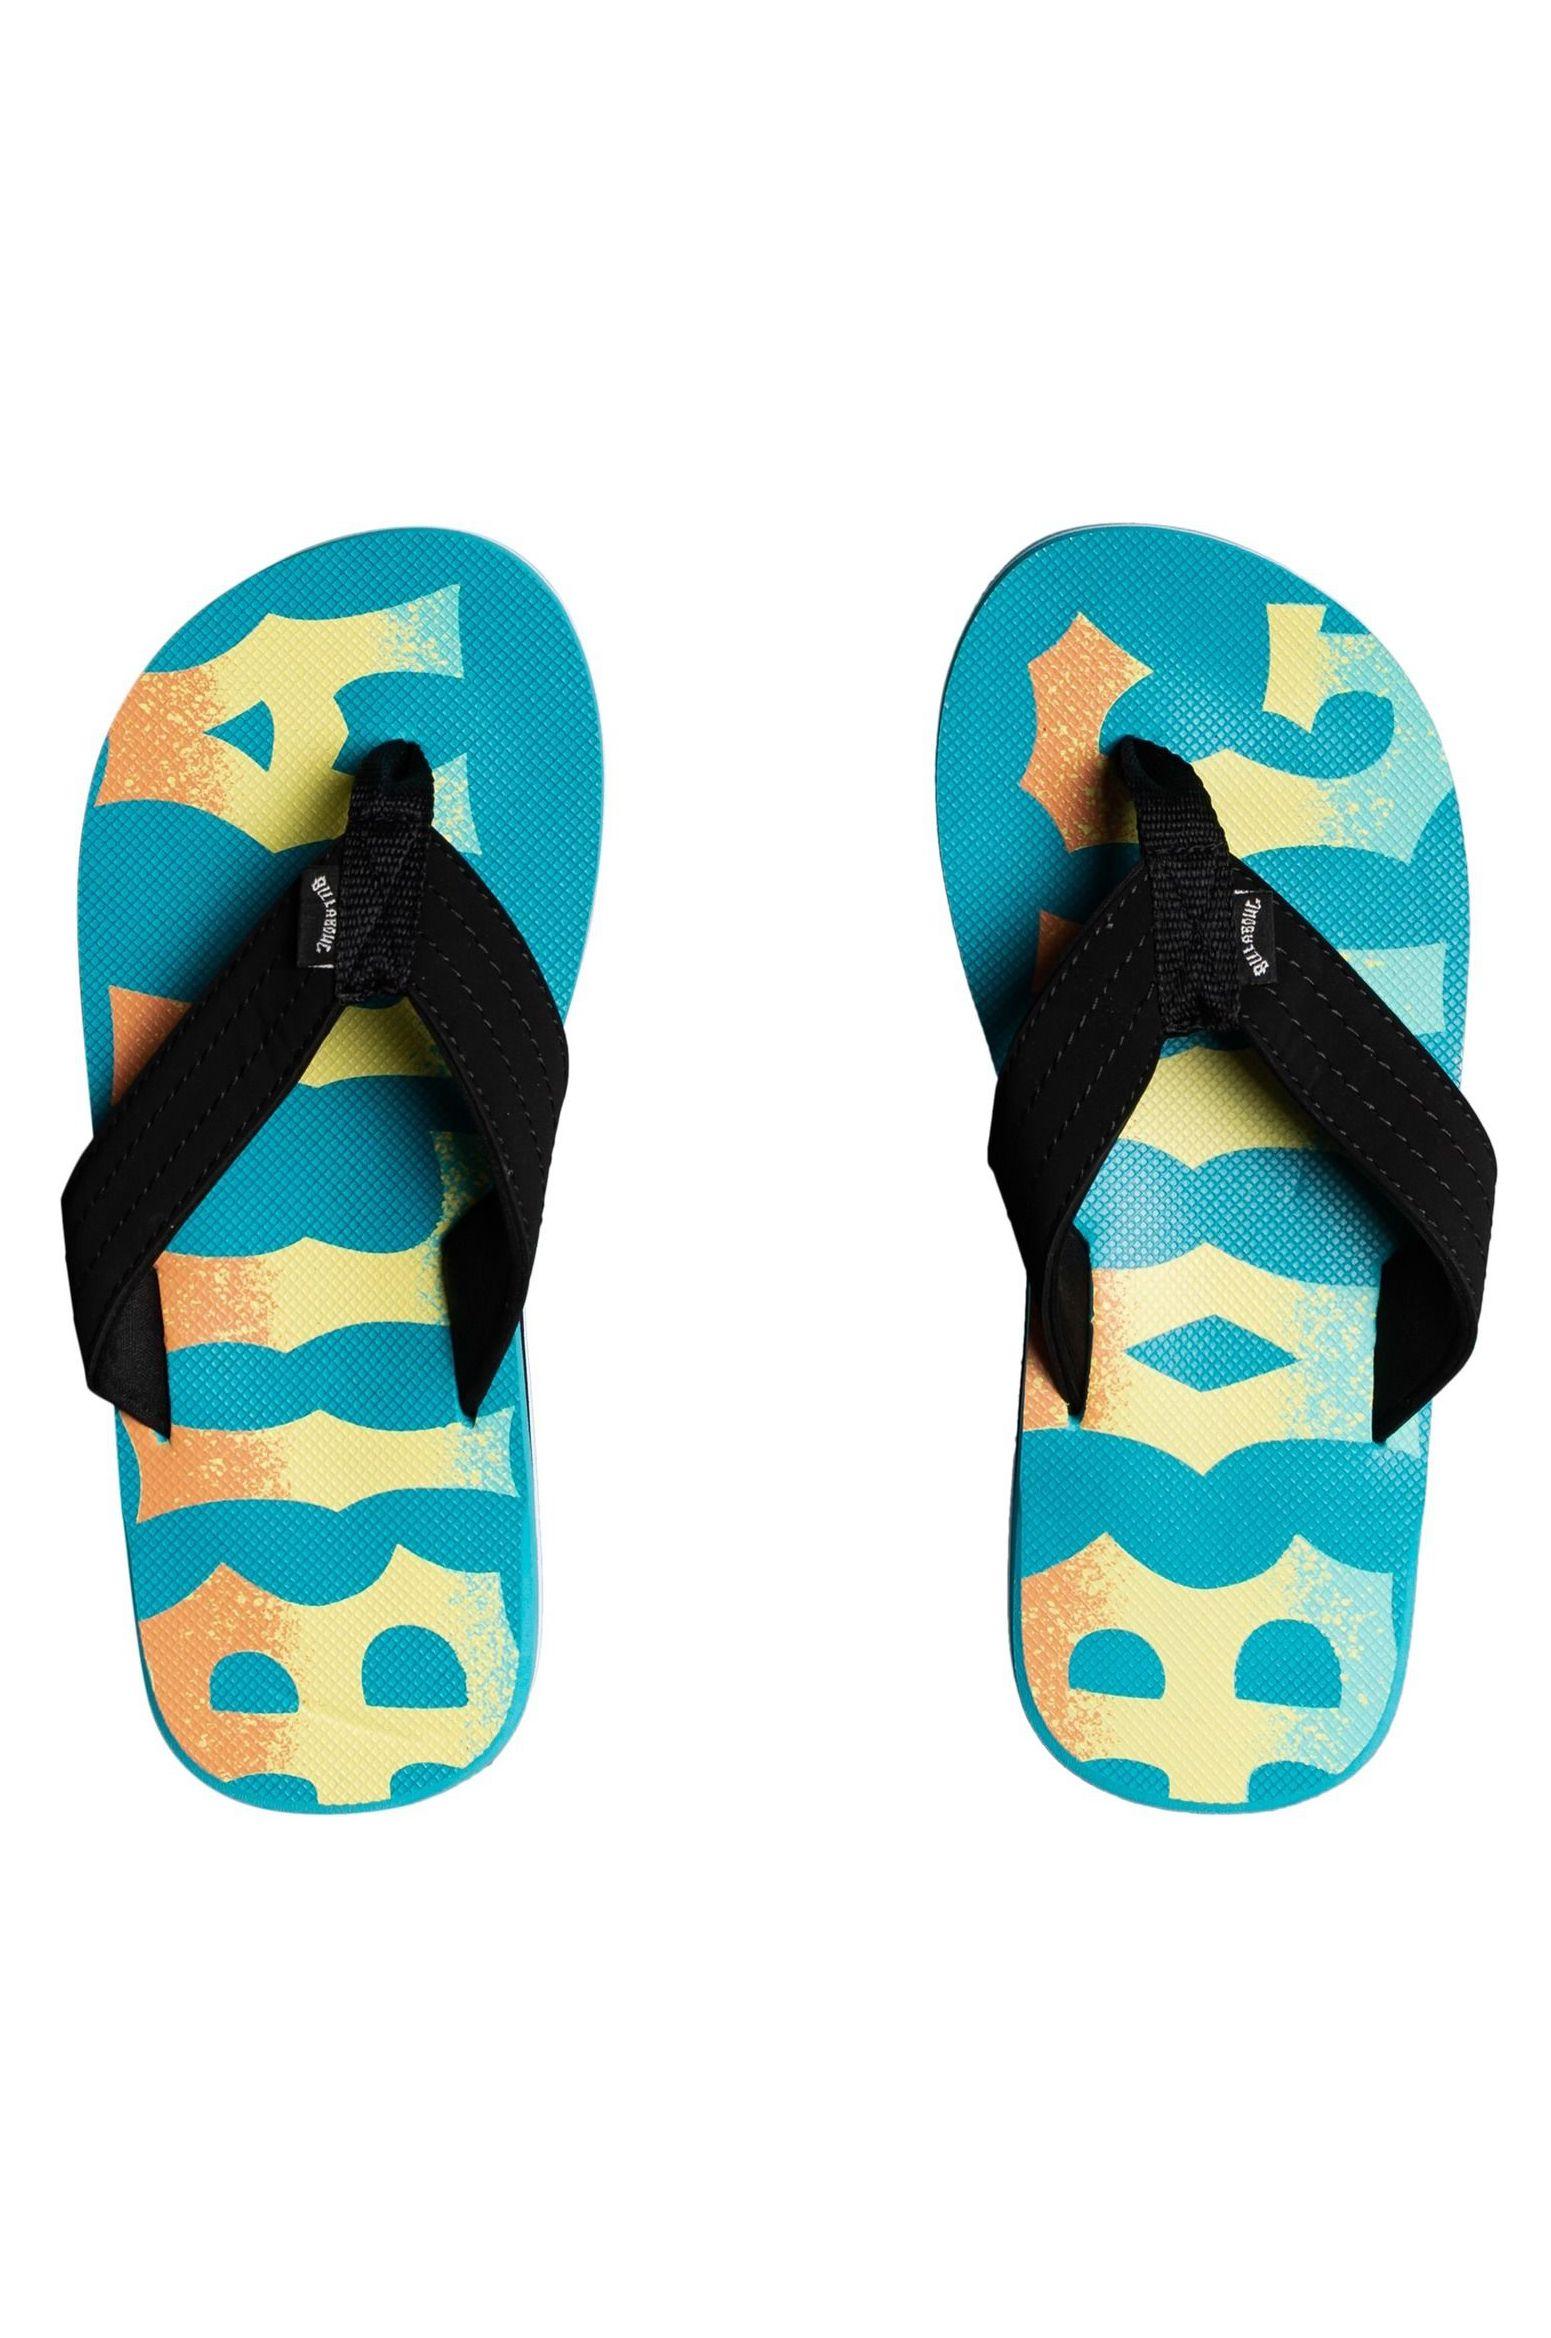 Billabong Sandals ALL DAY THEME BOY Mint